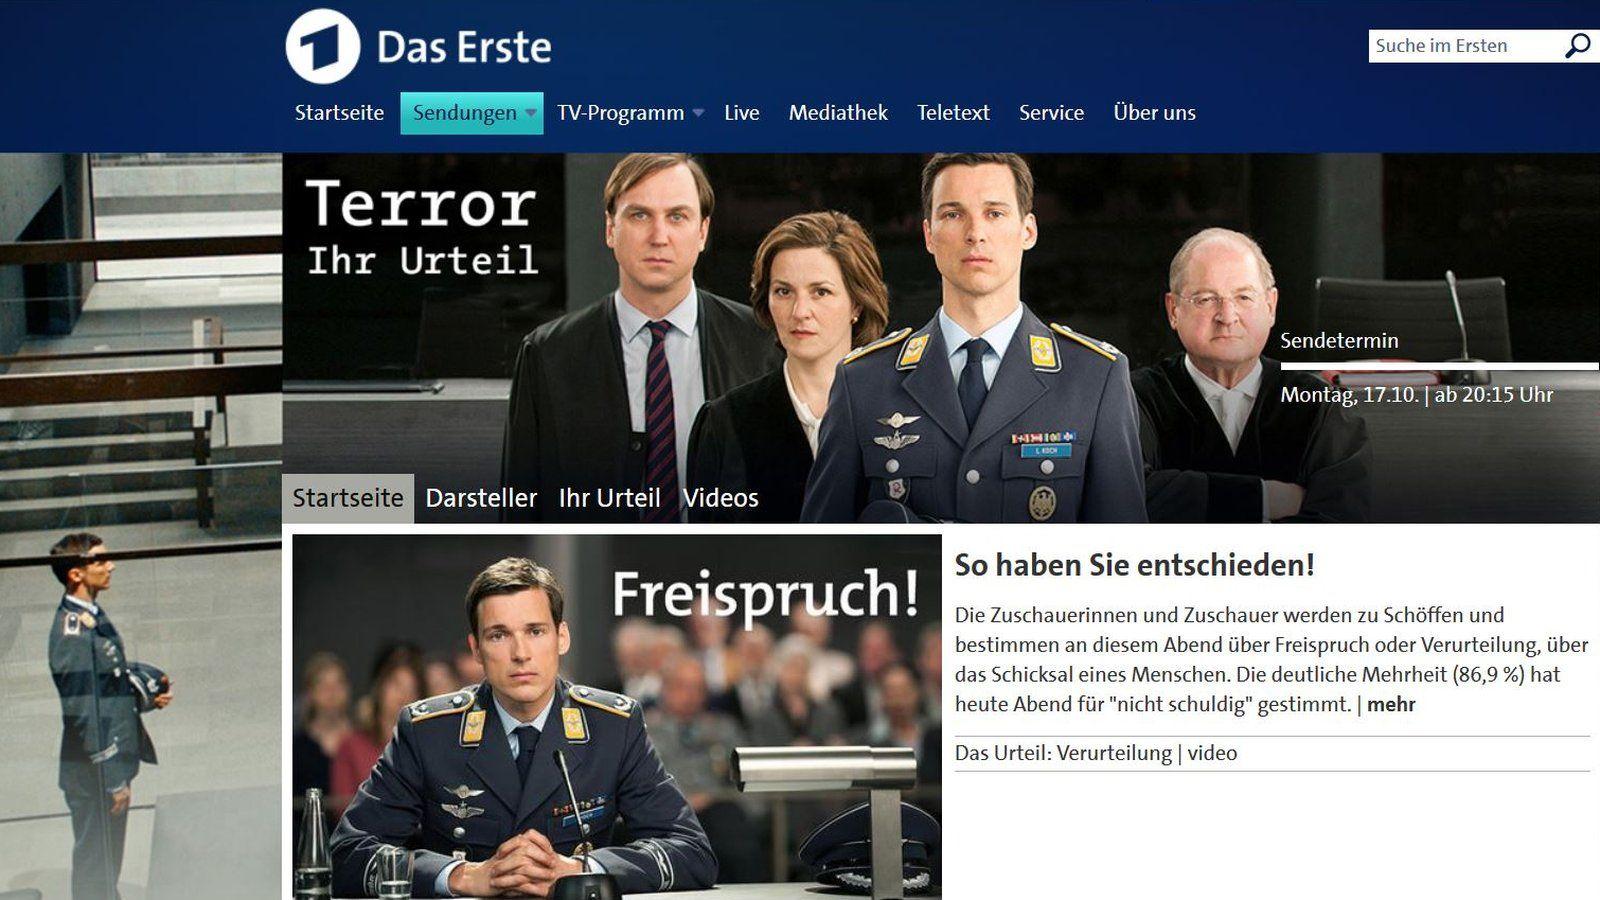 Terror - Ihr Urteil (Bildquelle: Das Erste)